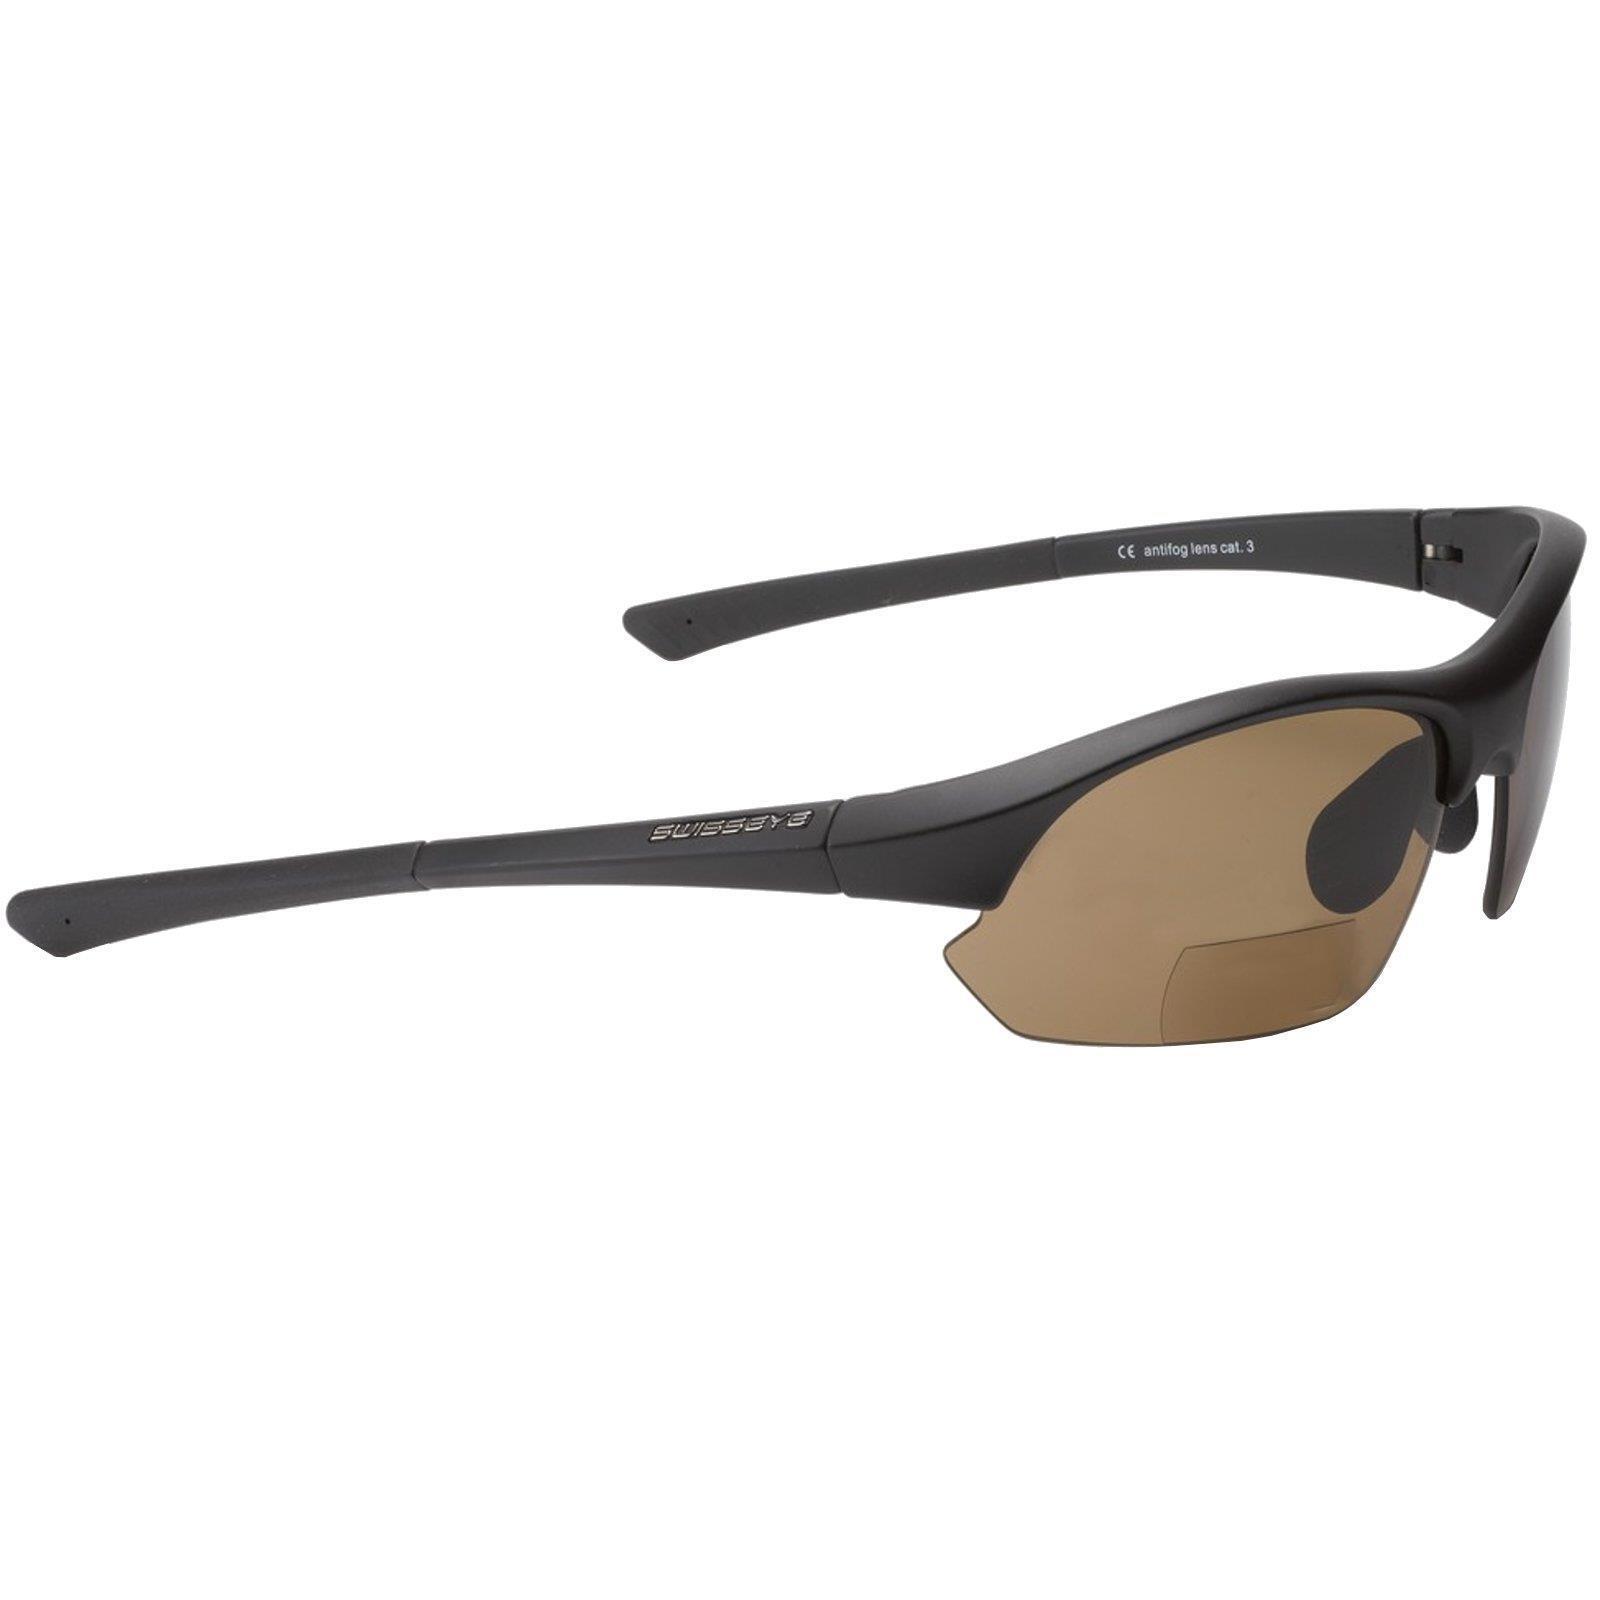 Swisseye Slide Bifocal Fahrrad Sport Brille 1,5 dpt Lesehilfe Sonnenbrille brown